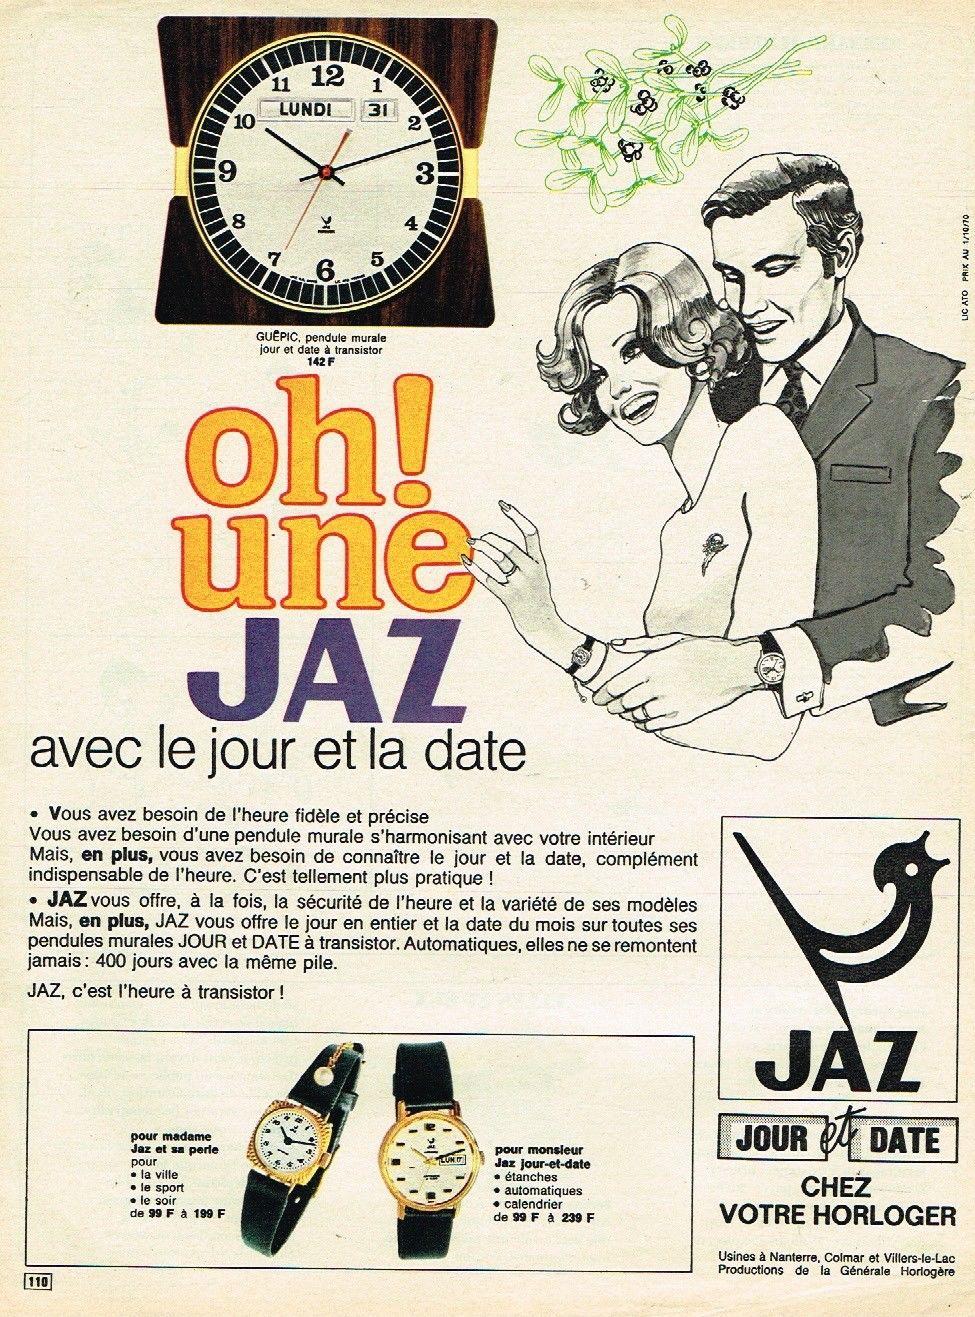 guepic pub couleurs 1970